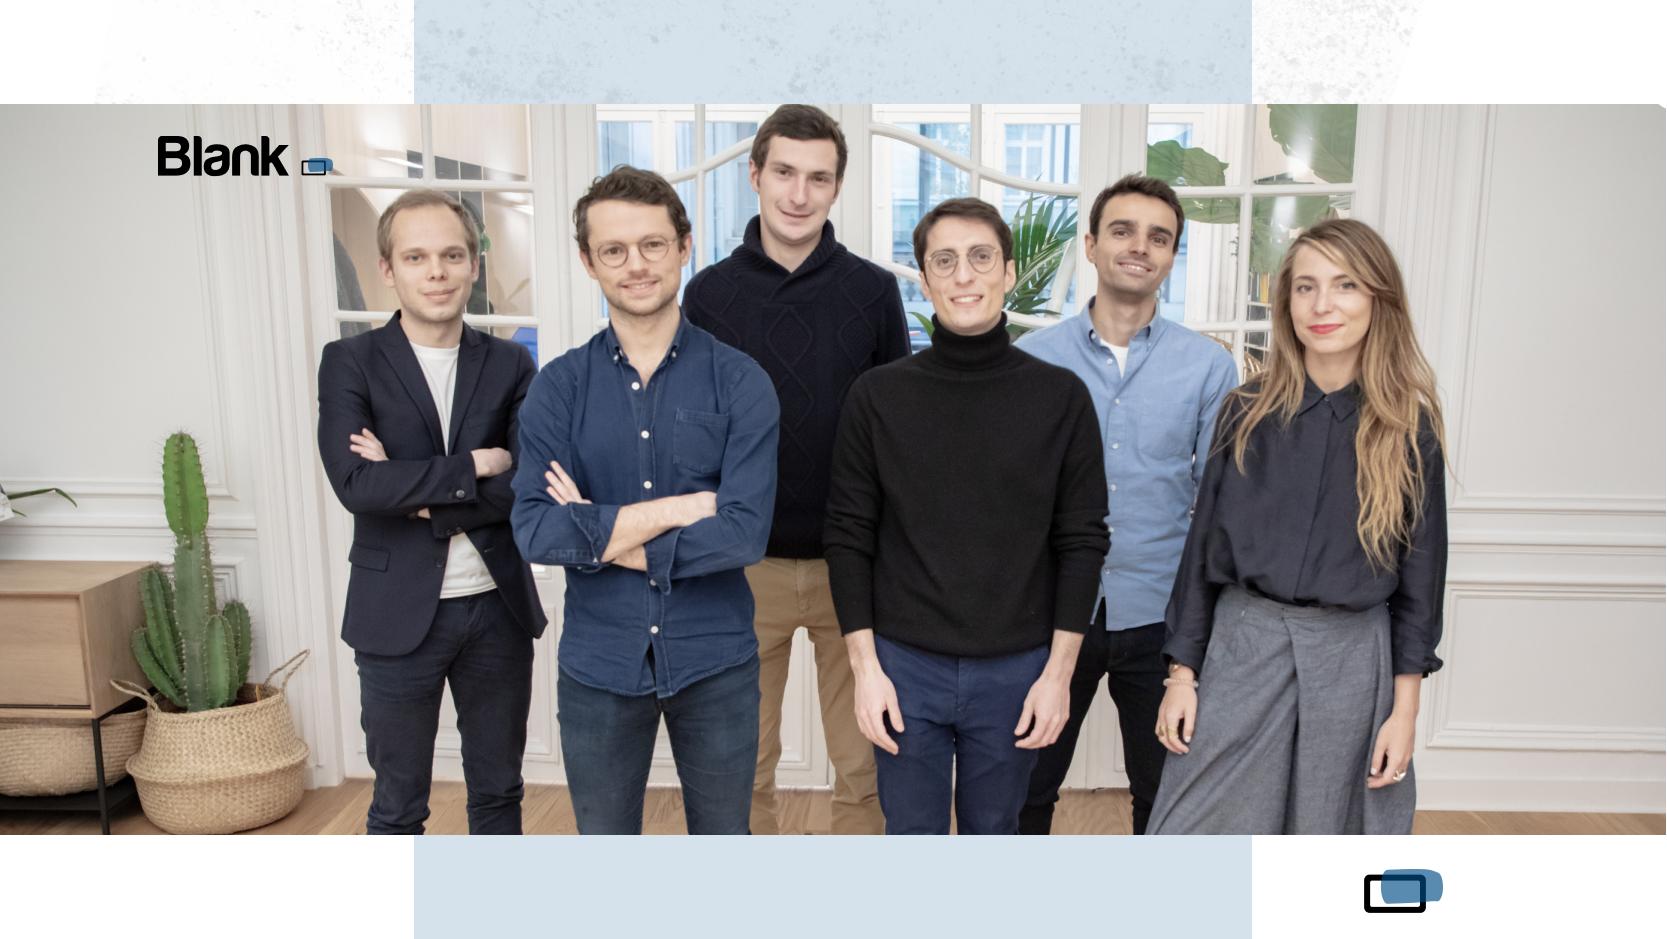 Lettre ouverte aux indépendants, par Paul-Henri Blaiset, CEO et co-fondateur de Blank